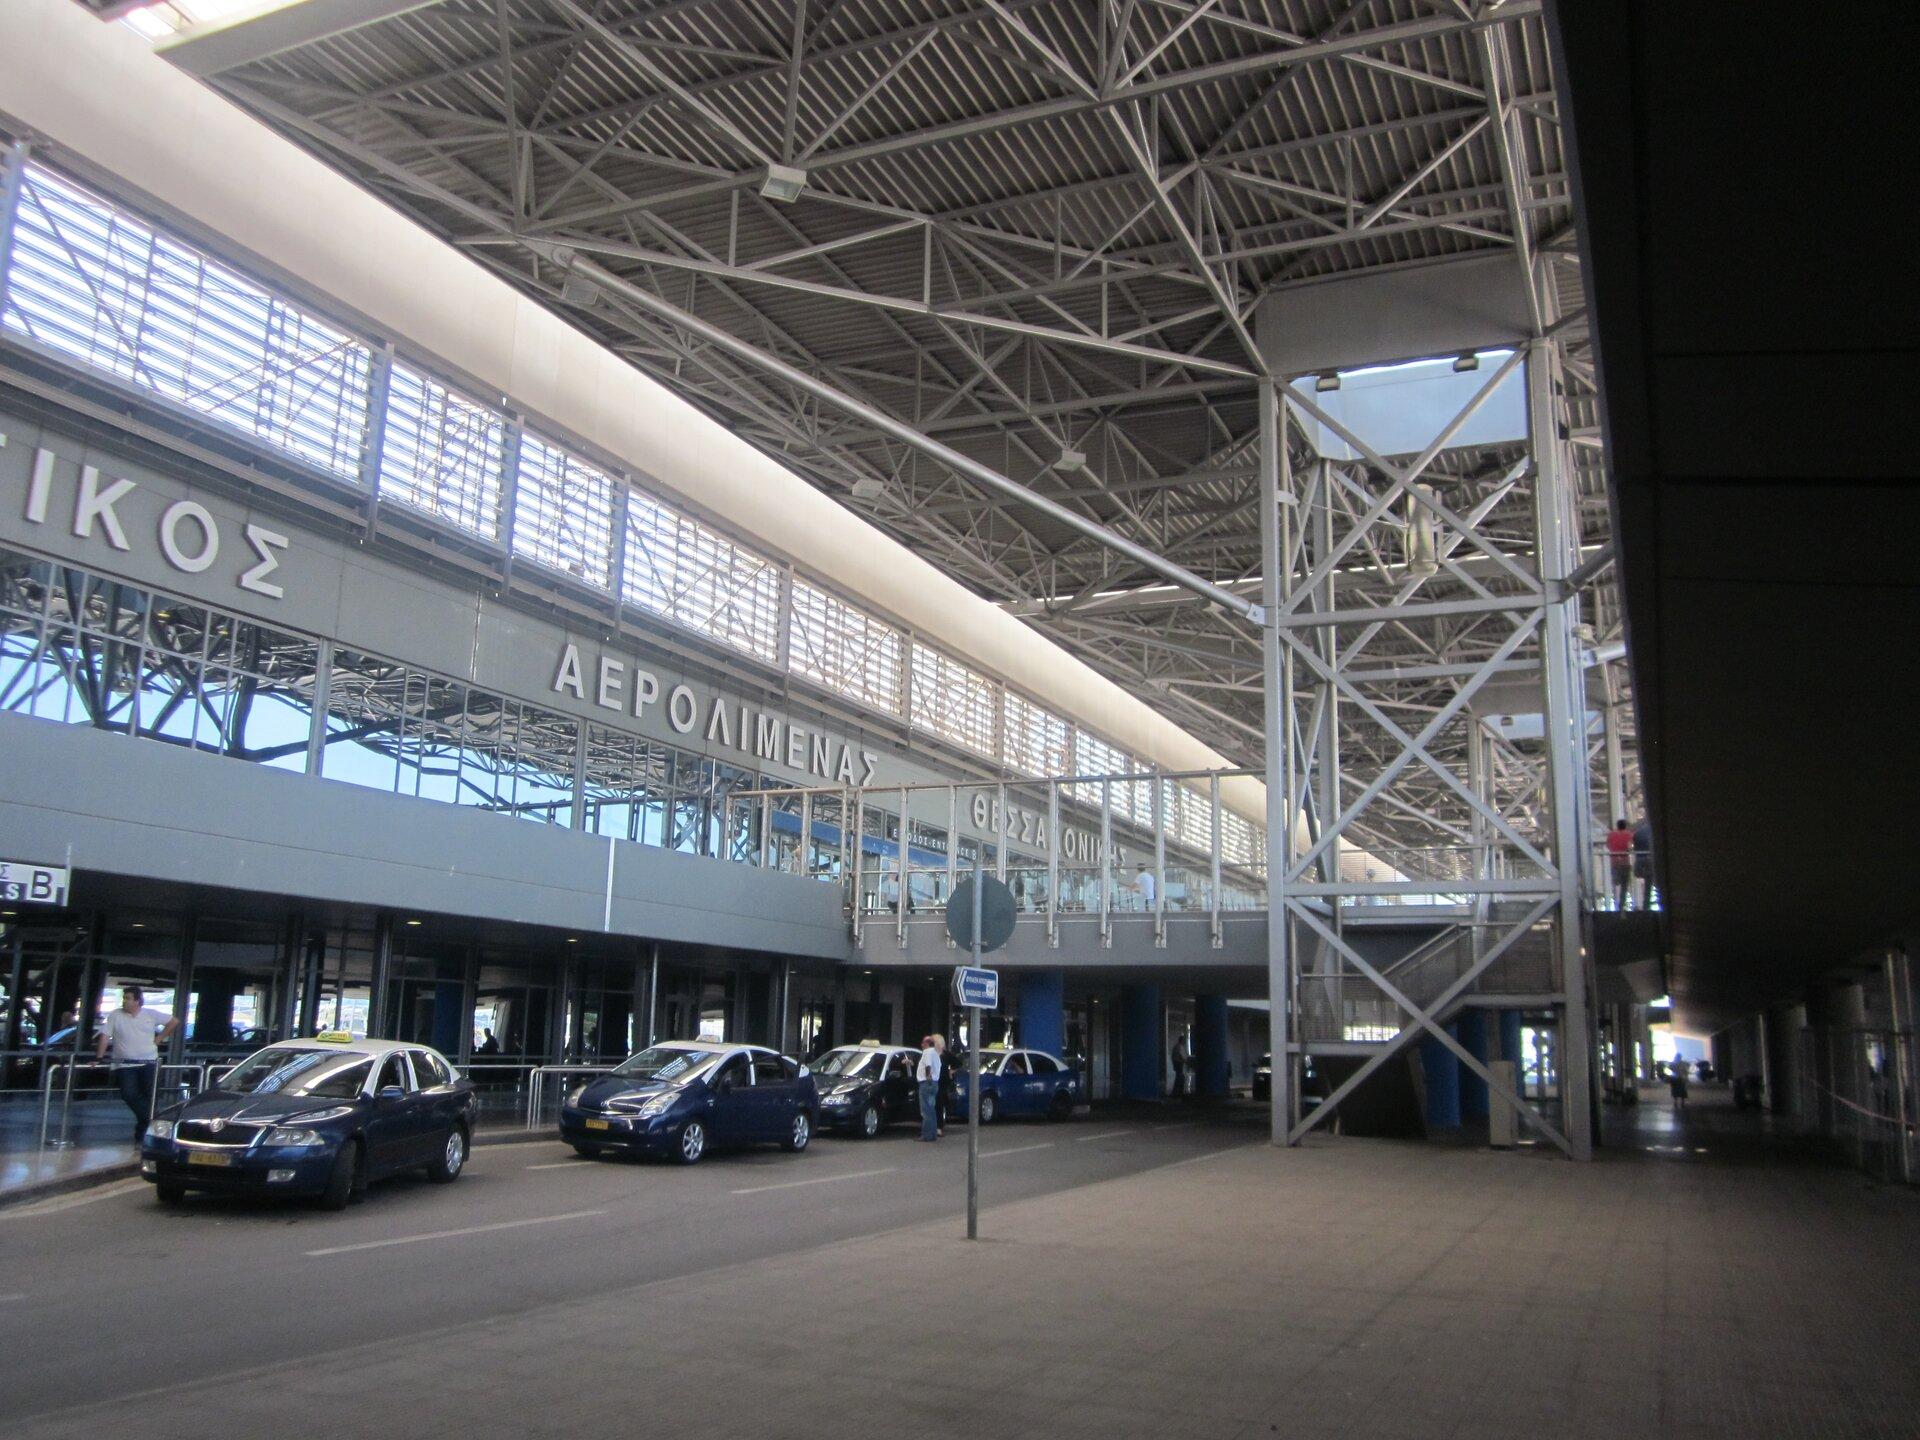 Hala lotniska, napisy walfabecie greckim. Przed halą taksówki.